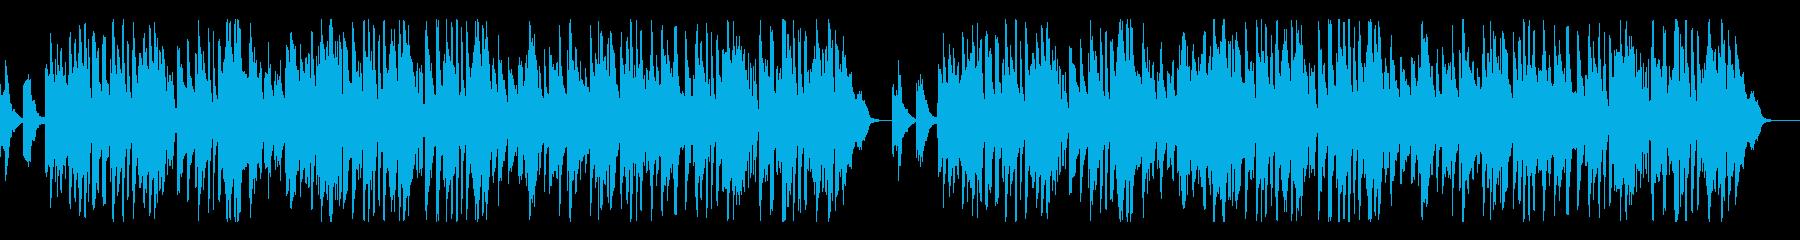 メンデルスゾーン「結婚行進曲」ピアノの再生済みの波形